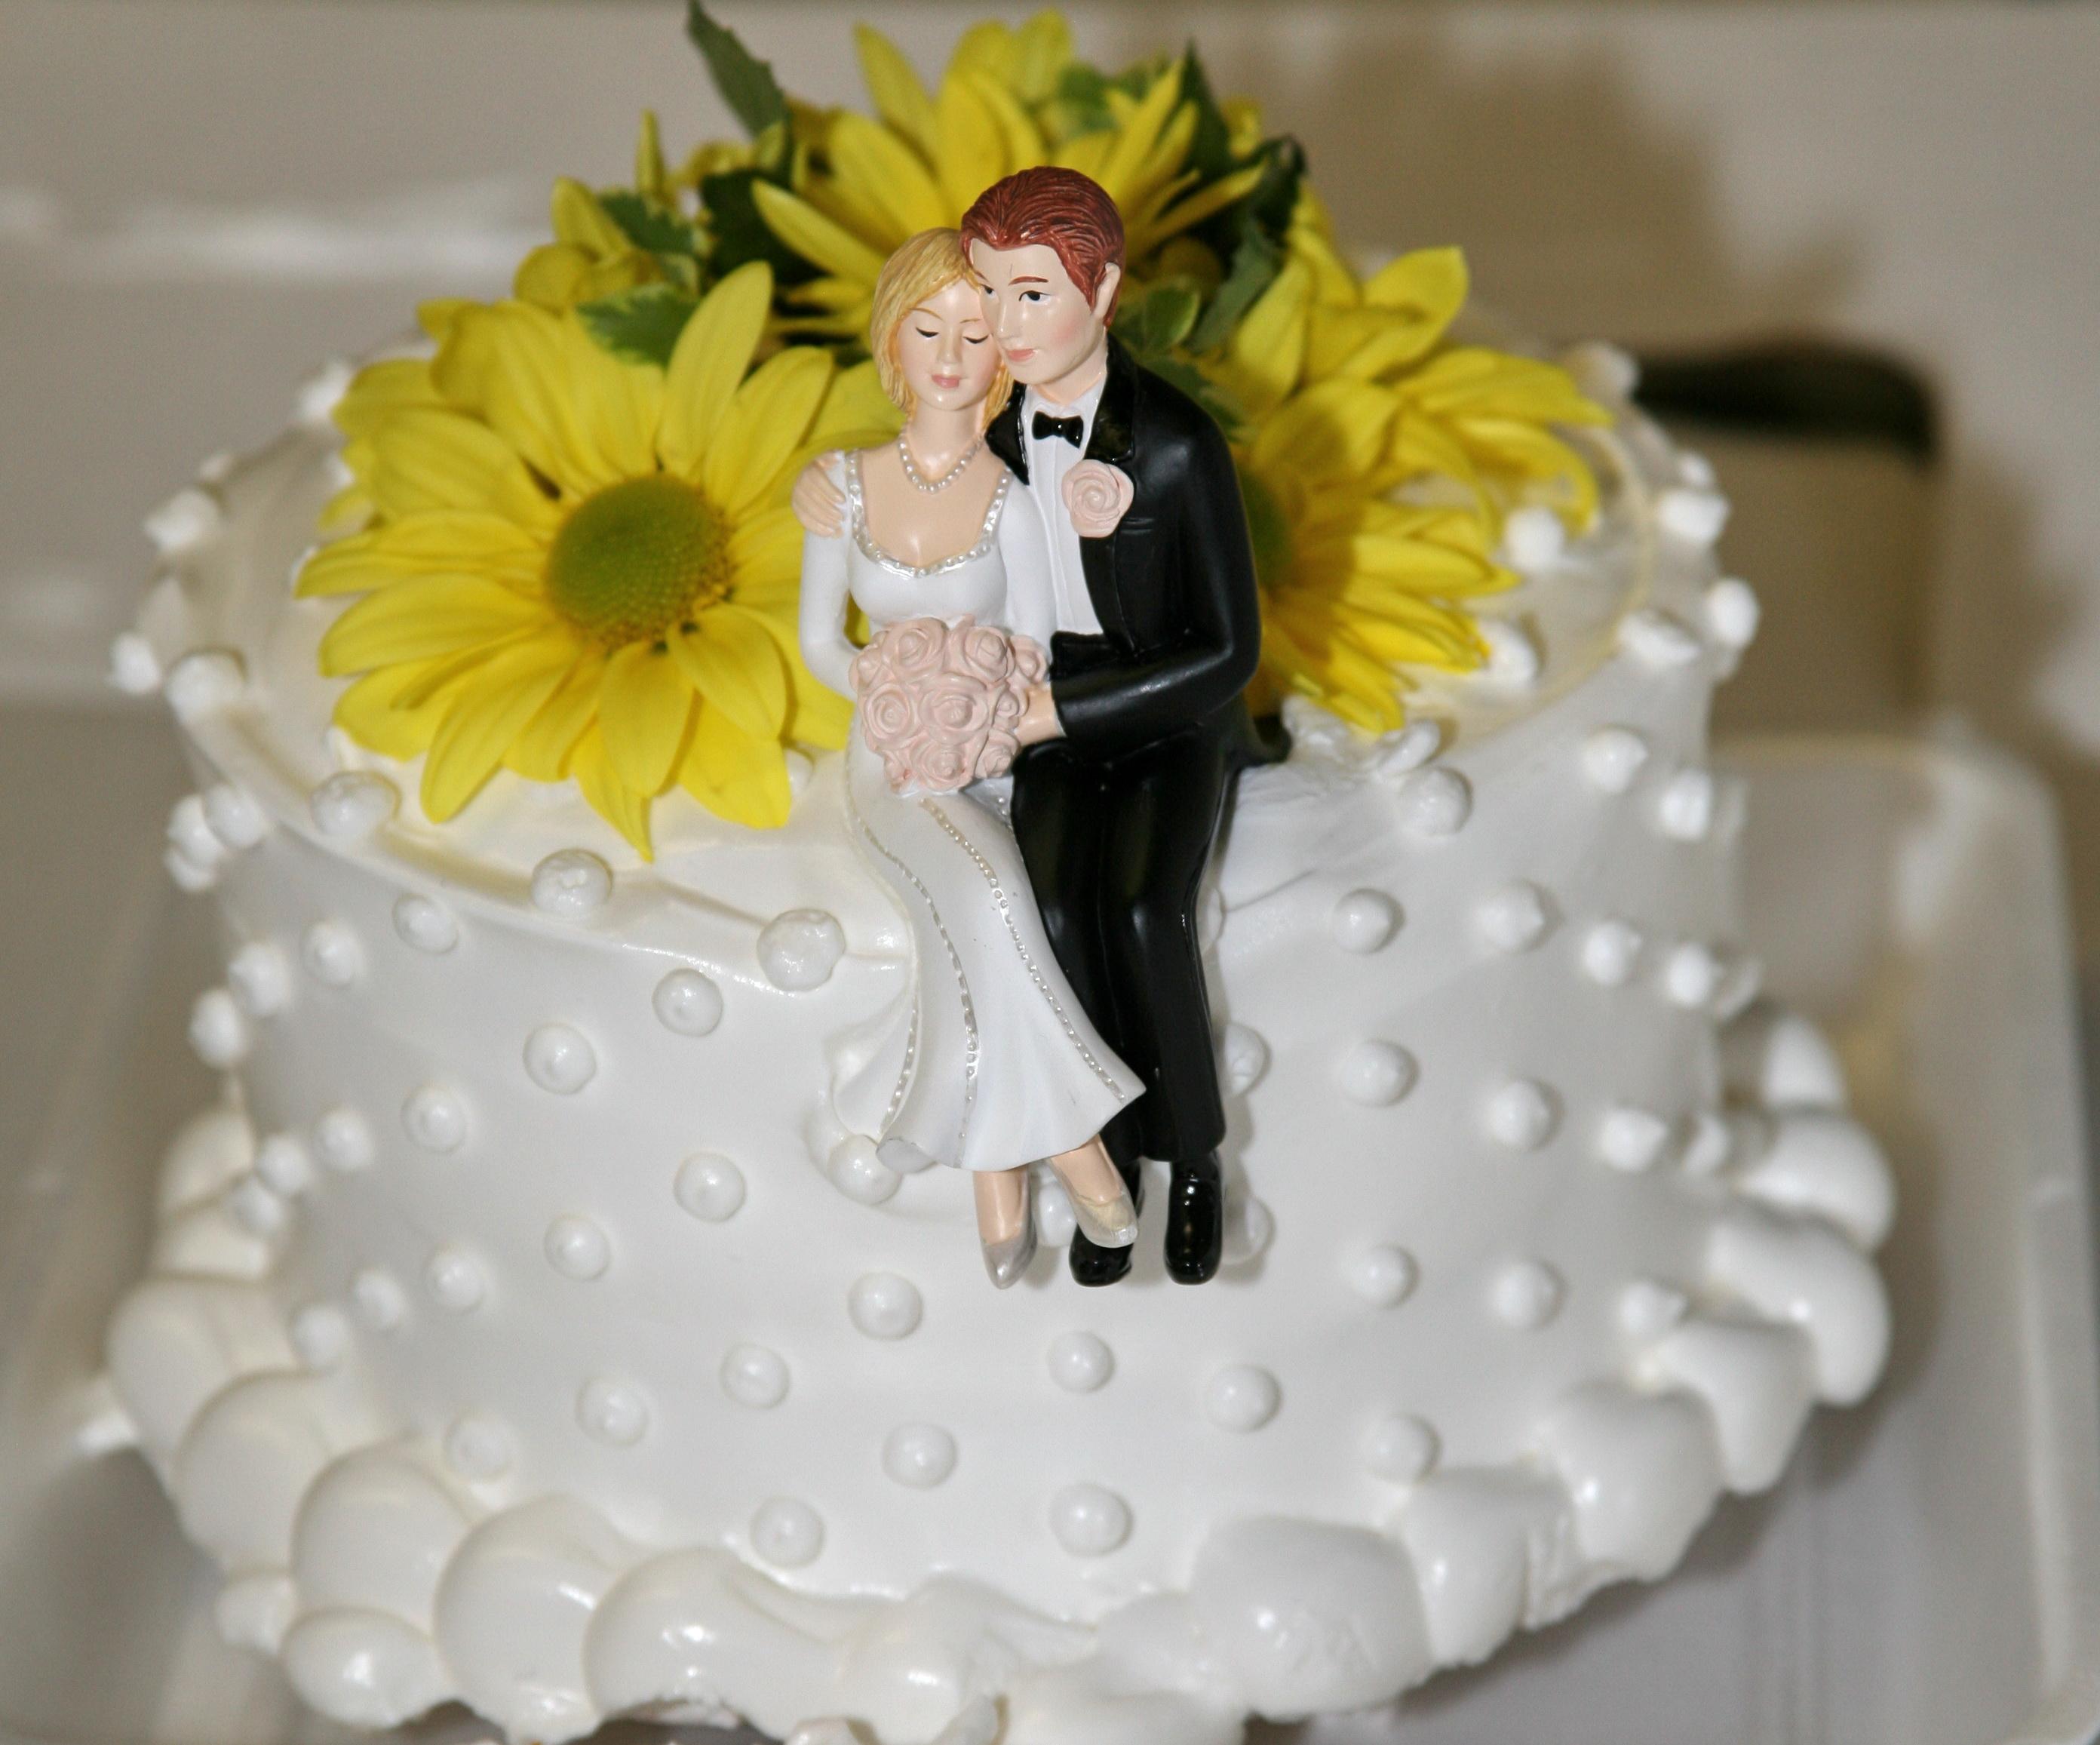 Cake Topper Matrimonio Fai Da Te